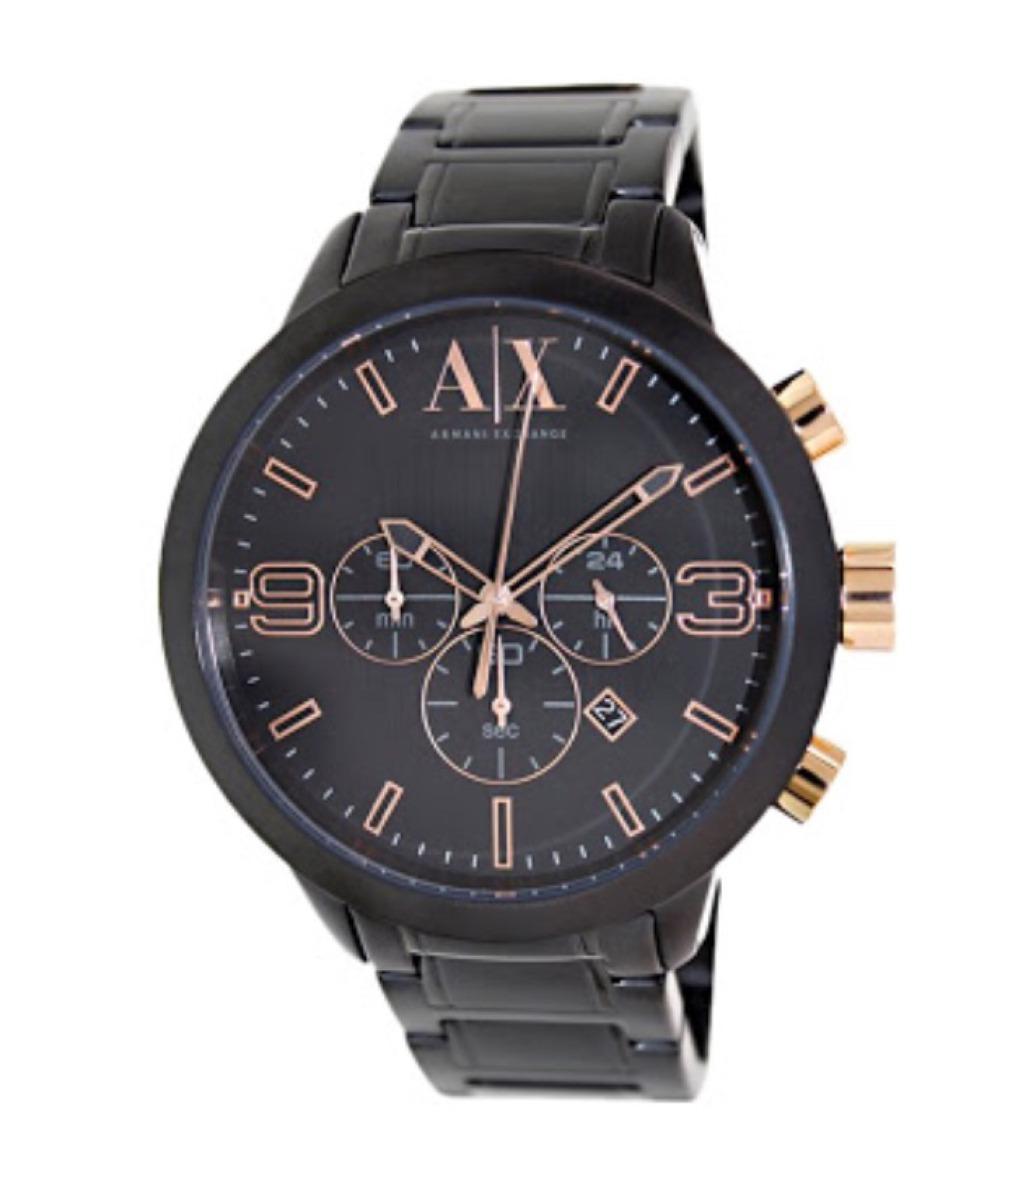 ca2c45dfa54 relogio ax 1350 pulseira inox com garantia. Carregando zoom.